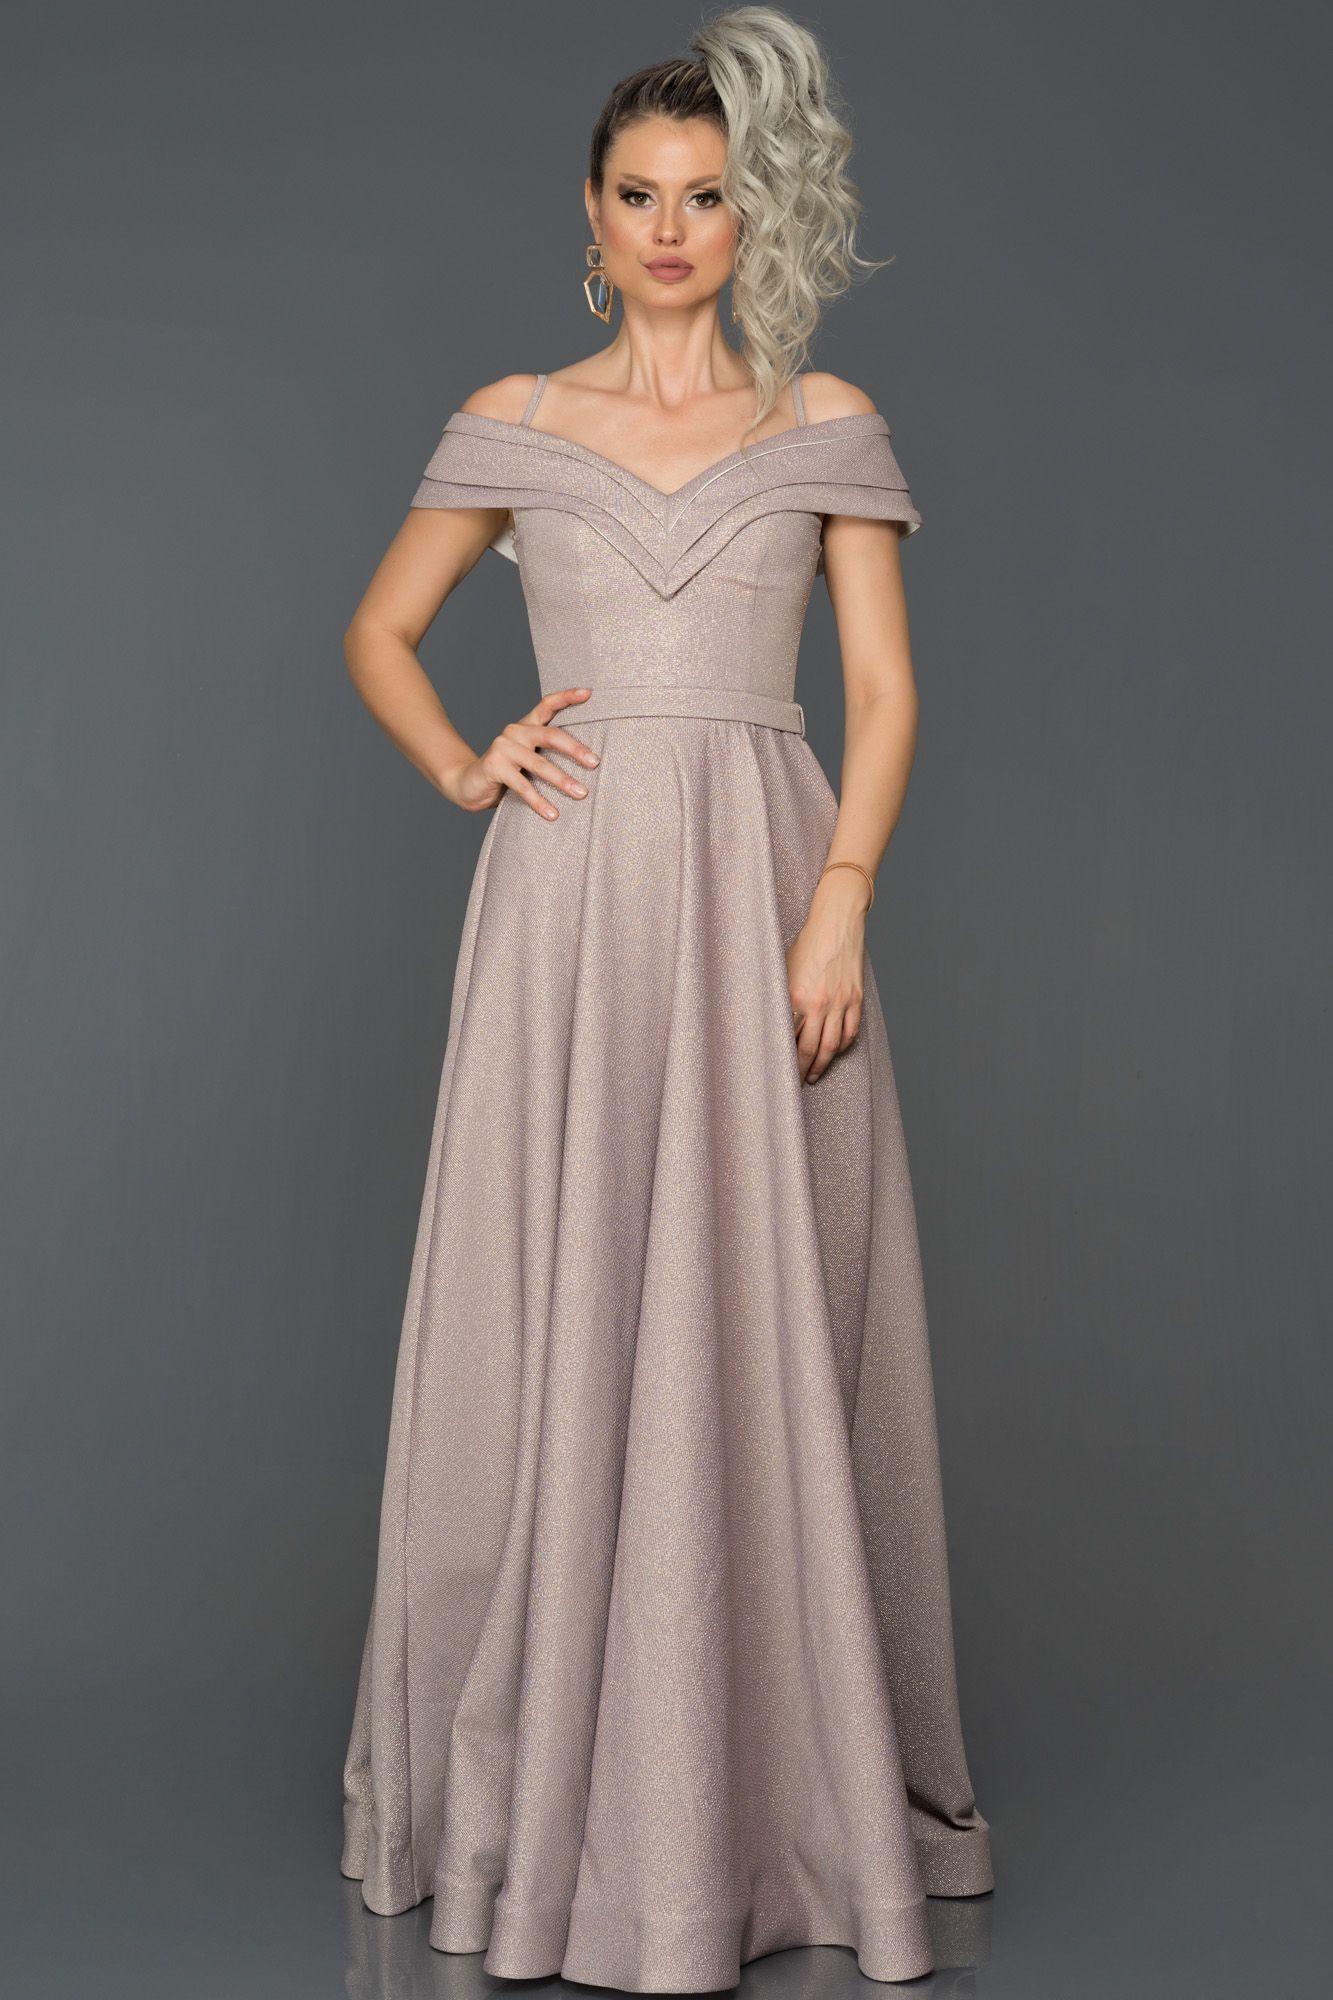 Pudra Simli Uzun Abiye Elbise Abu252 Elbise Moda Stilleri Stil